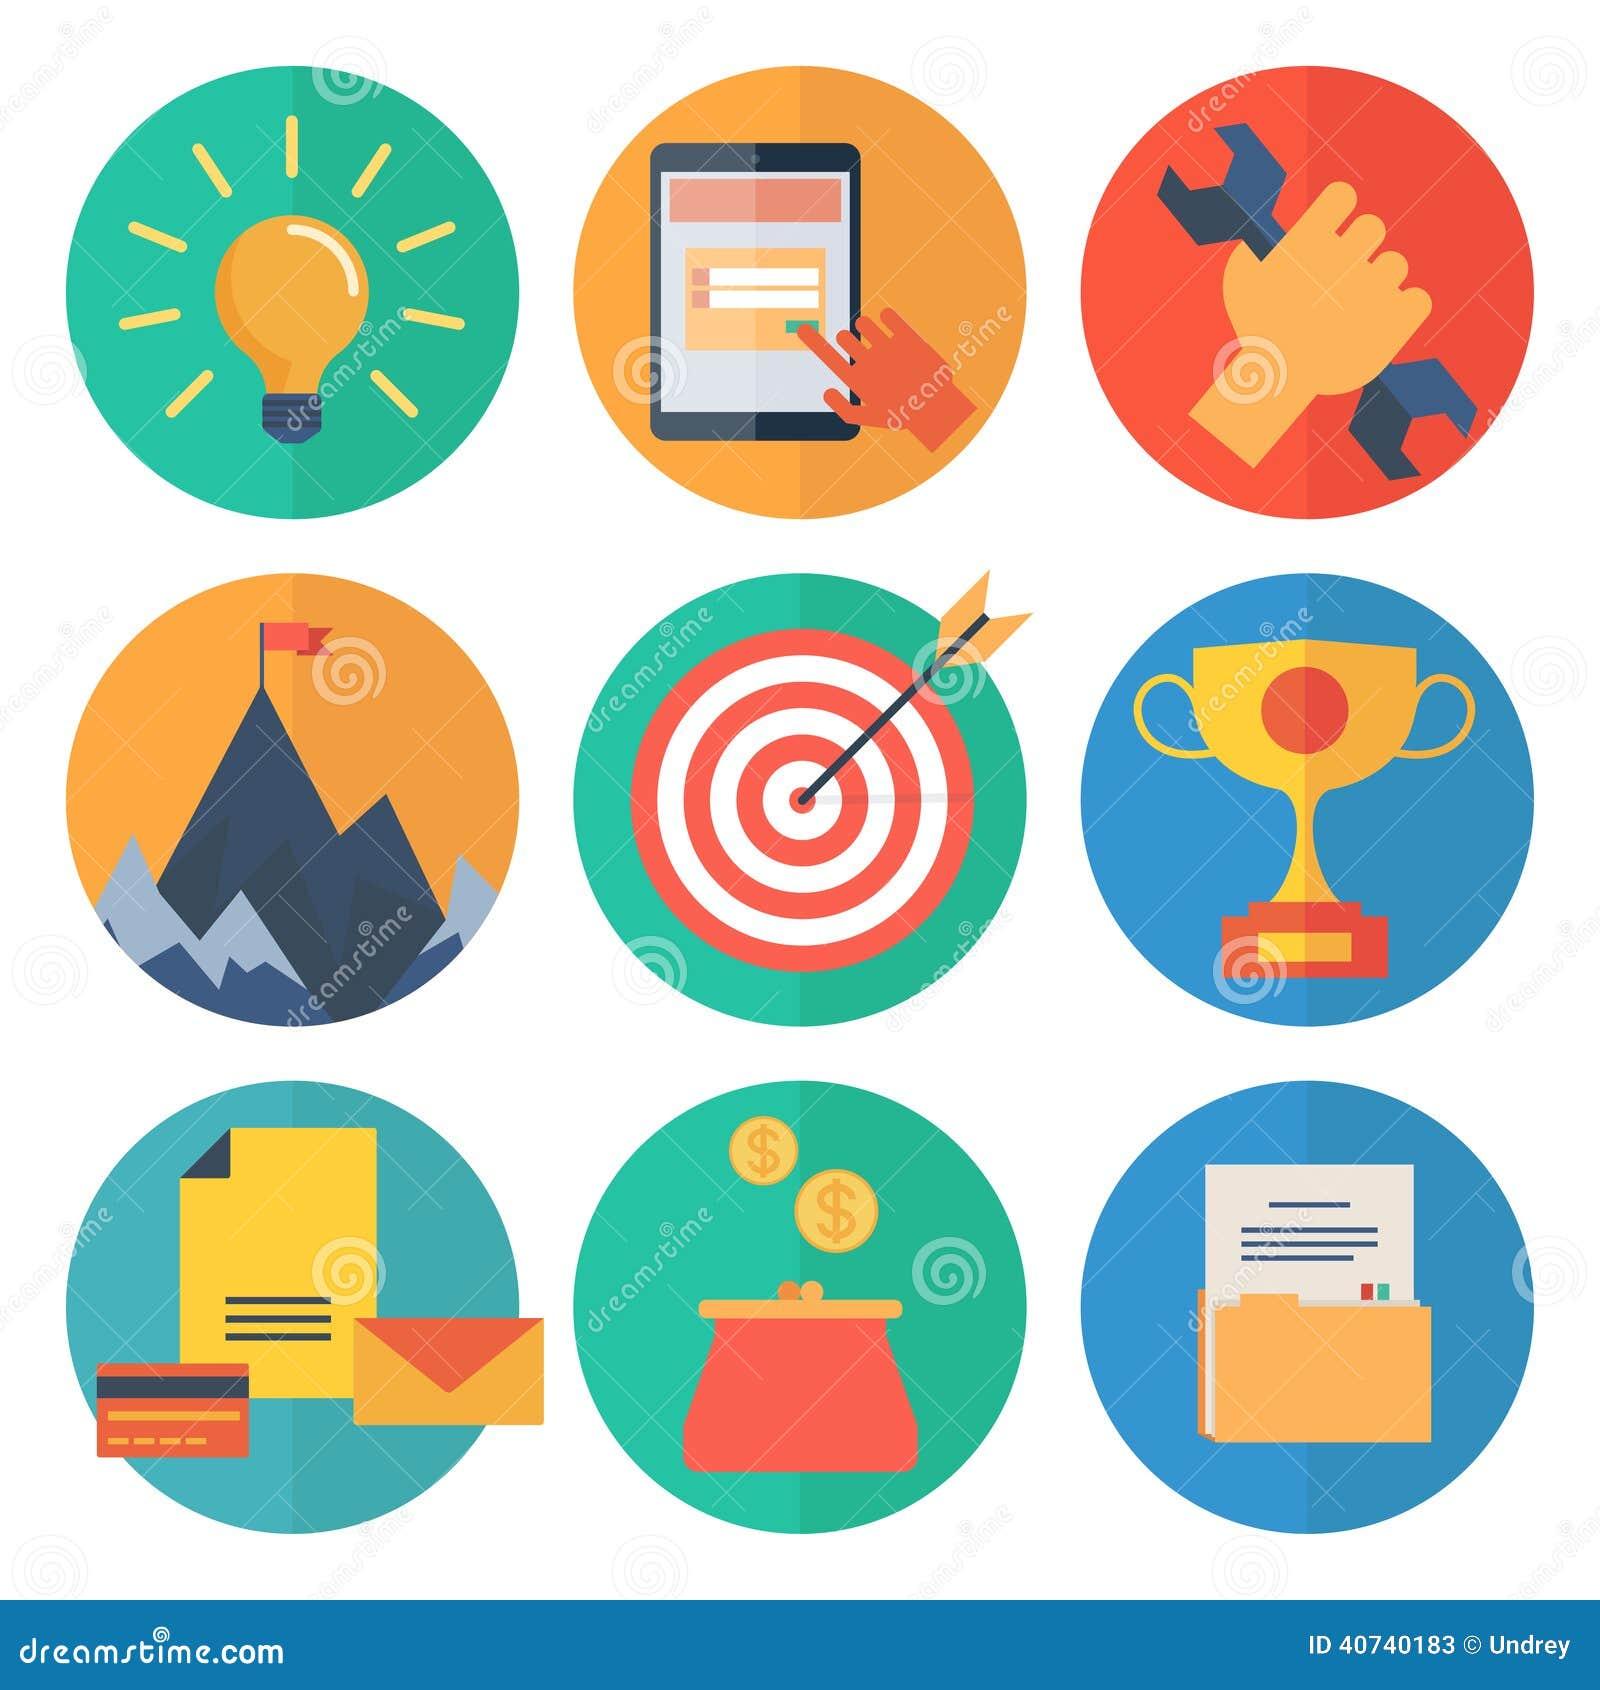 Los iconos planos modernos vector la colección, objetos del diseño web, negocio, la oficina y artículos del márketing